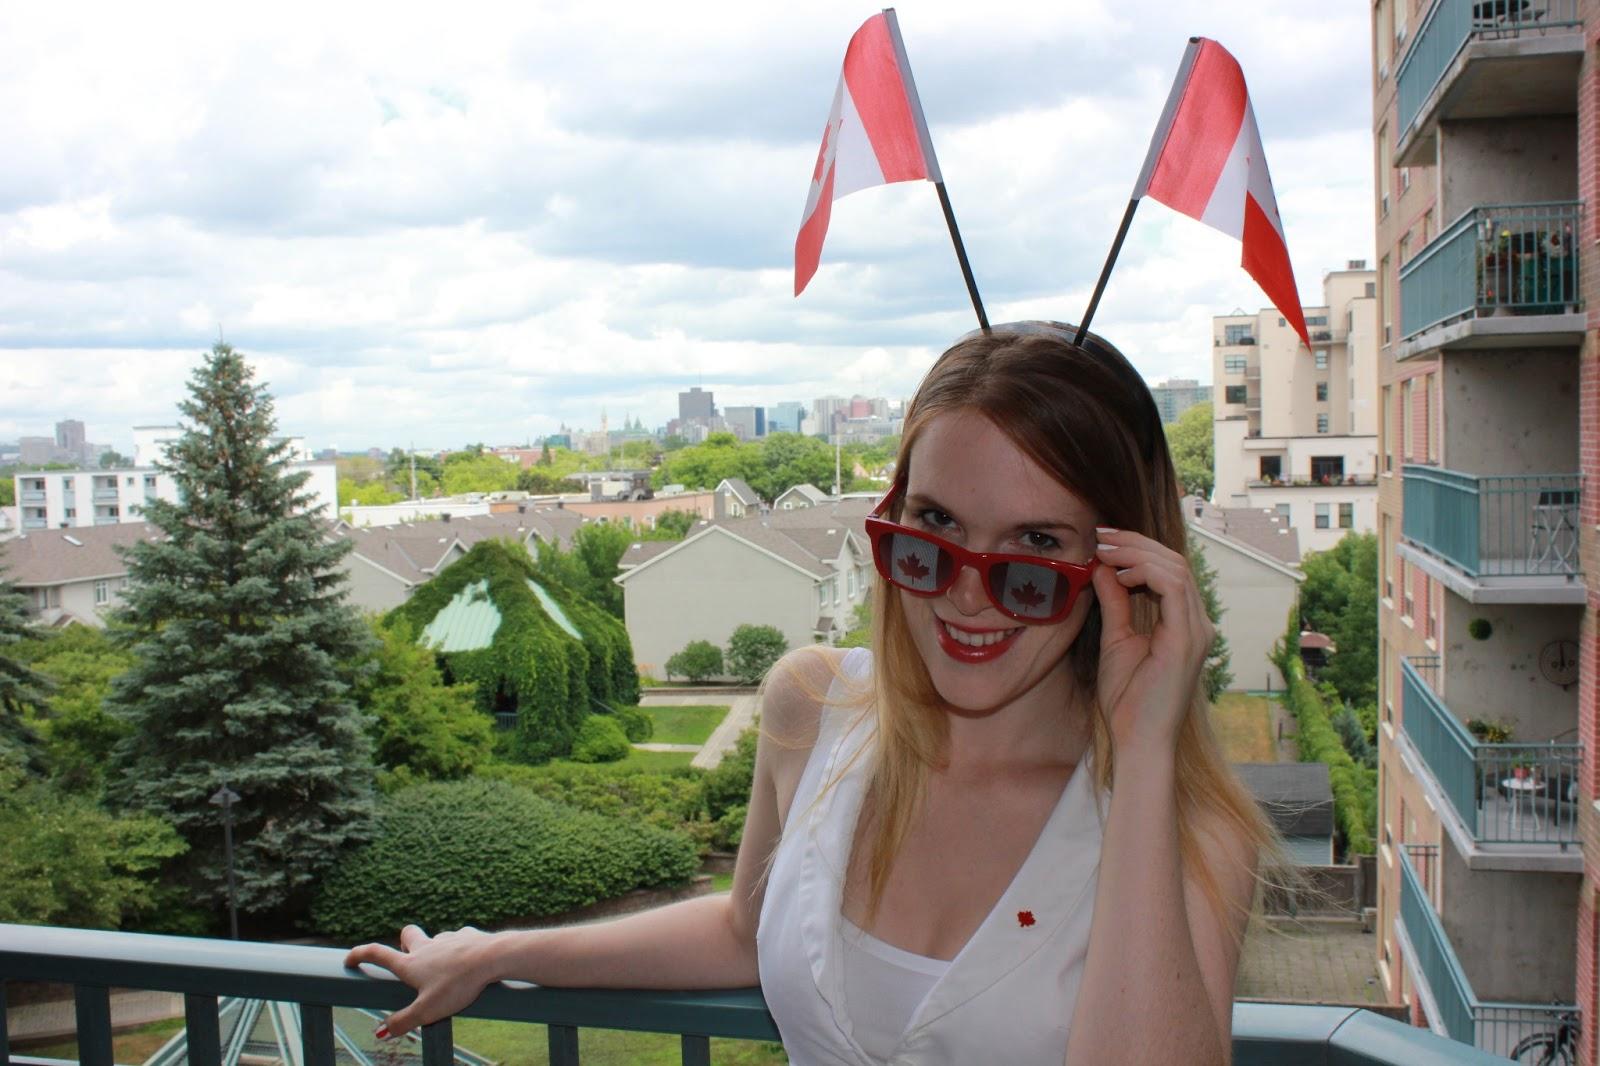 Tinfoil Tiaras Ottawa Fashion Blog Accessory Addict Hair